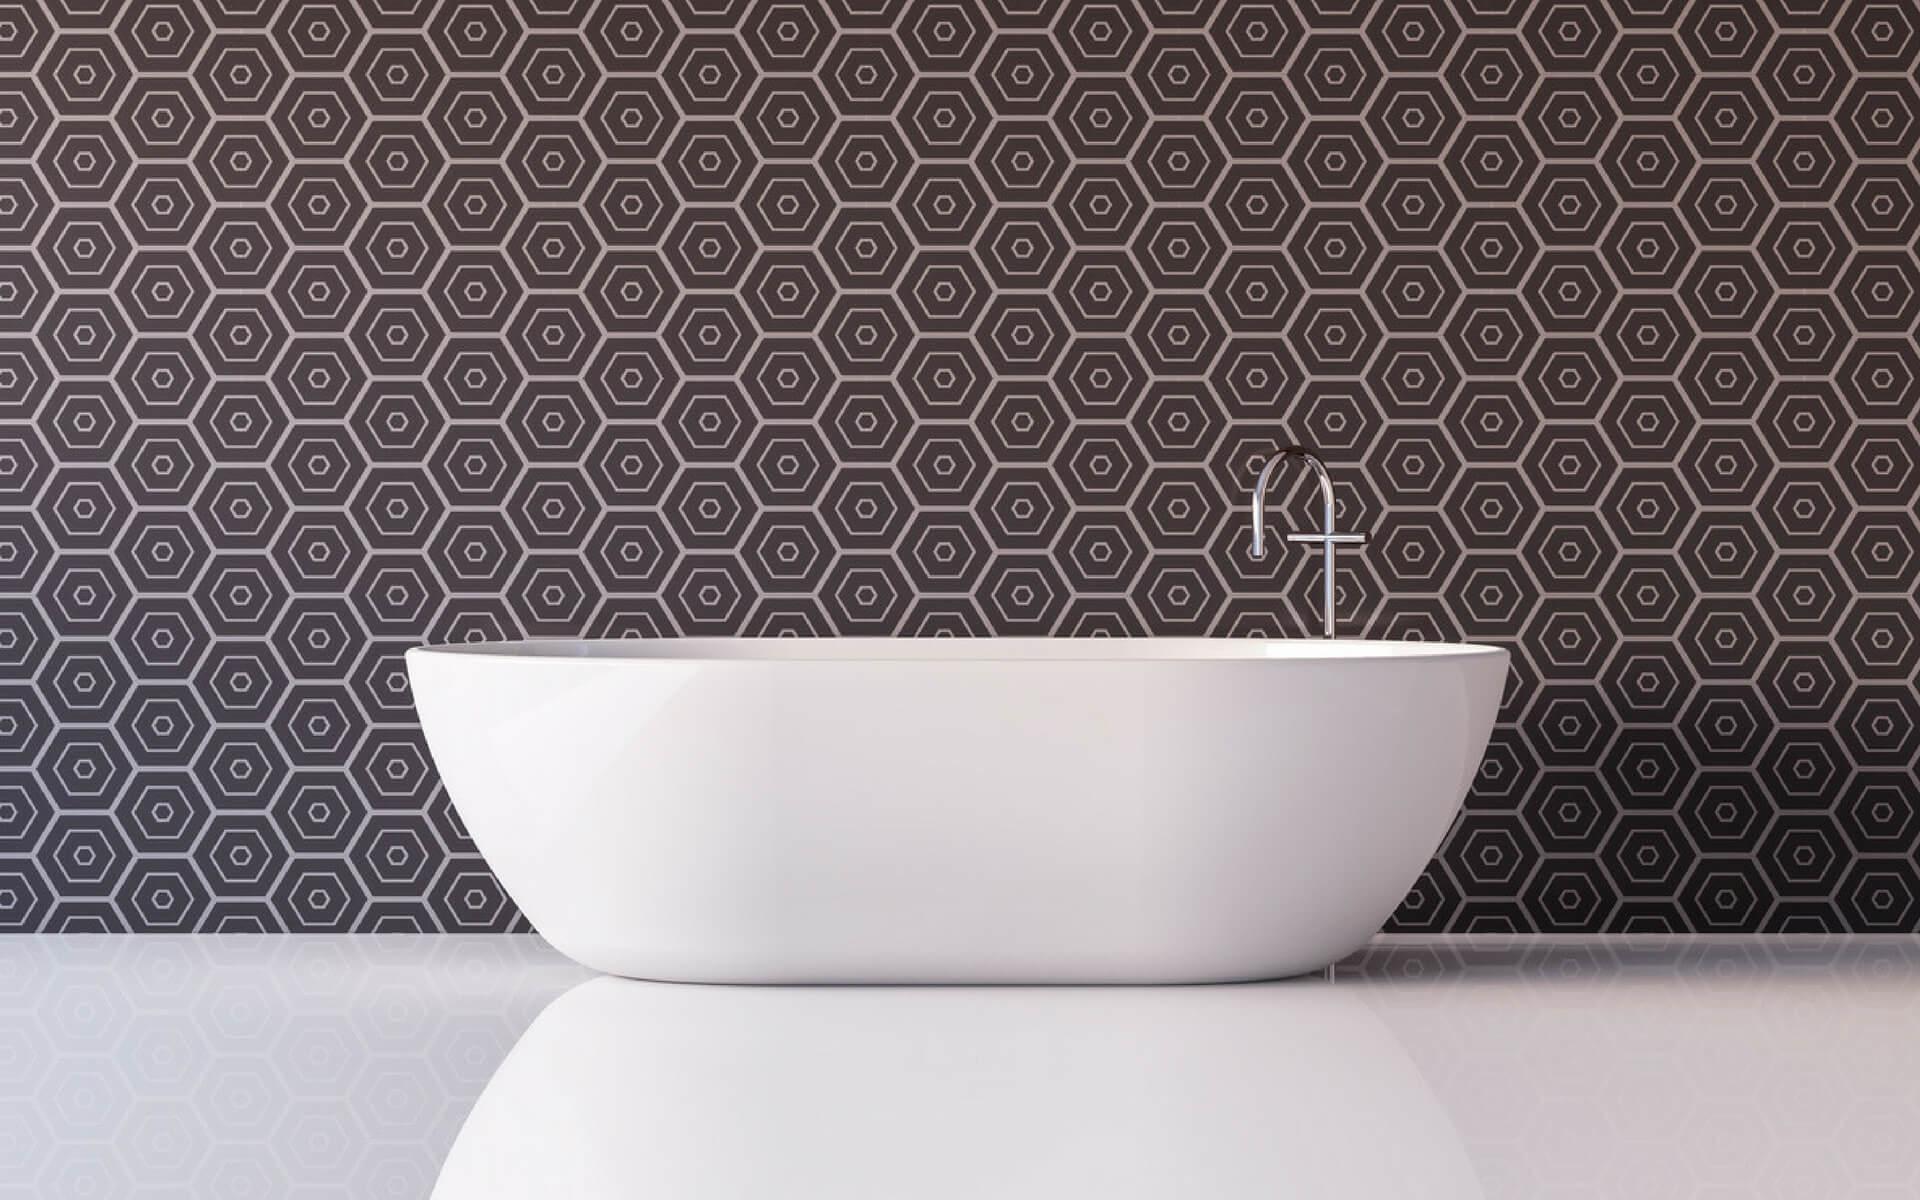 Carta da parati per rinnovare il bagno blog oknoplast - Carta da parati per bagno ...